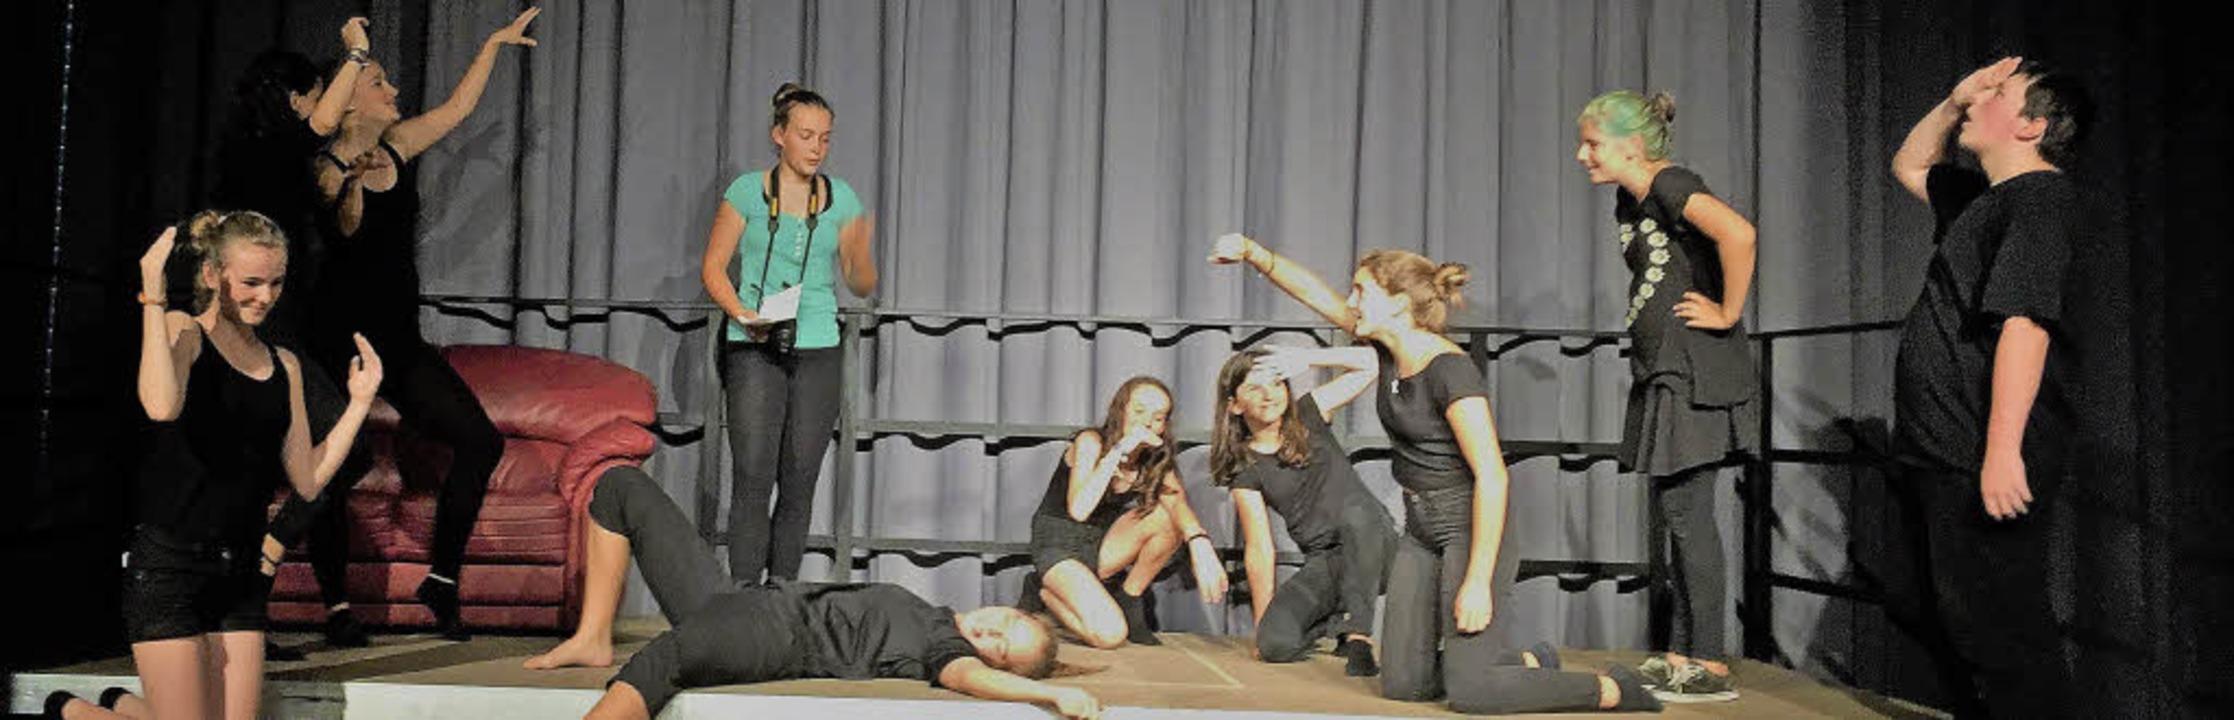 <BZ-FotoAnlauf>Kreisgymnasium Bad Kroz...oAnlauf> Viel Spaß beim Impro-Theater   | Foto: Privat